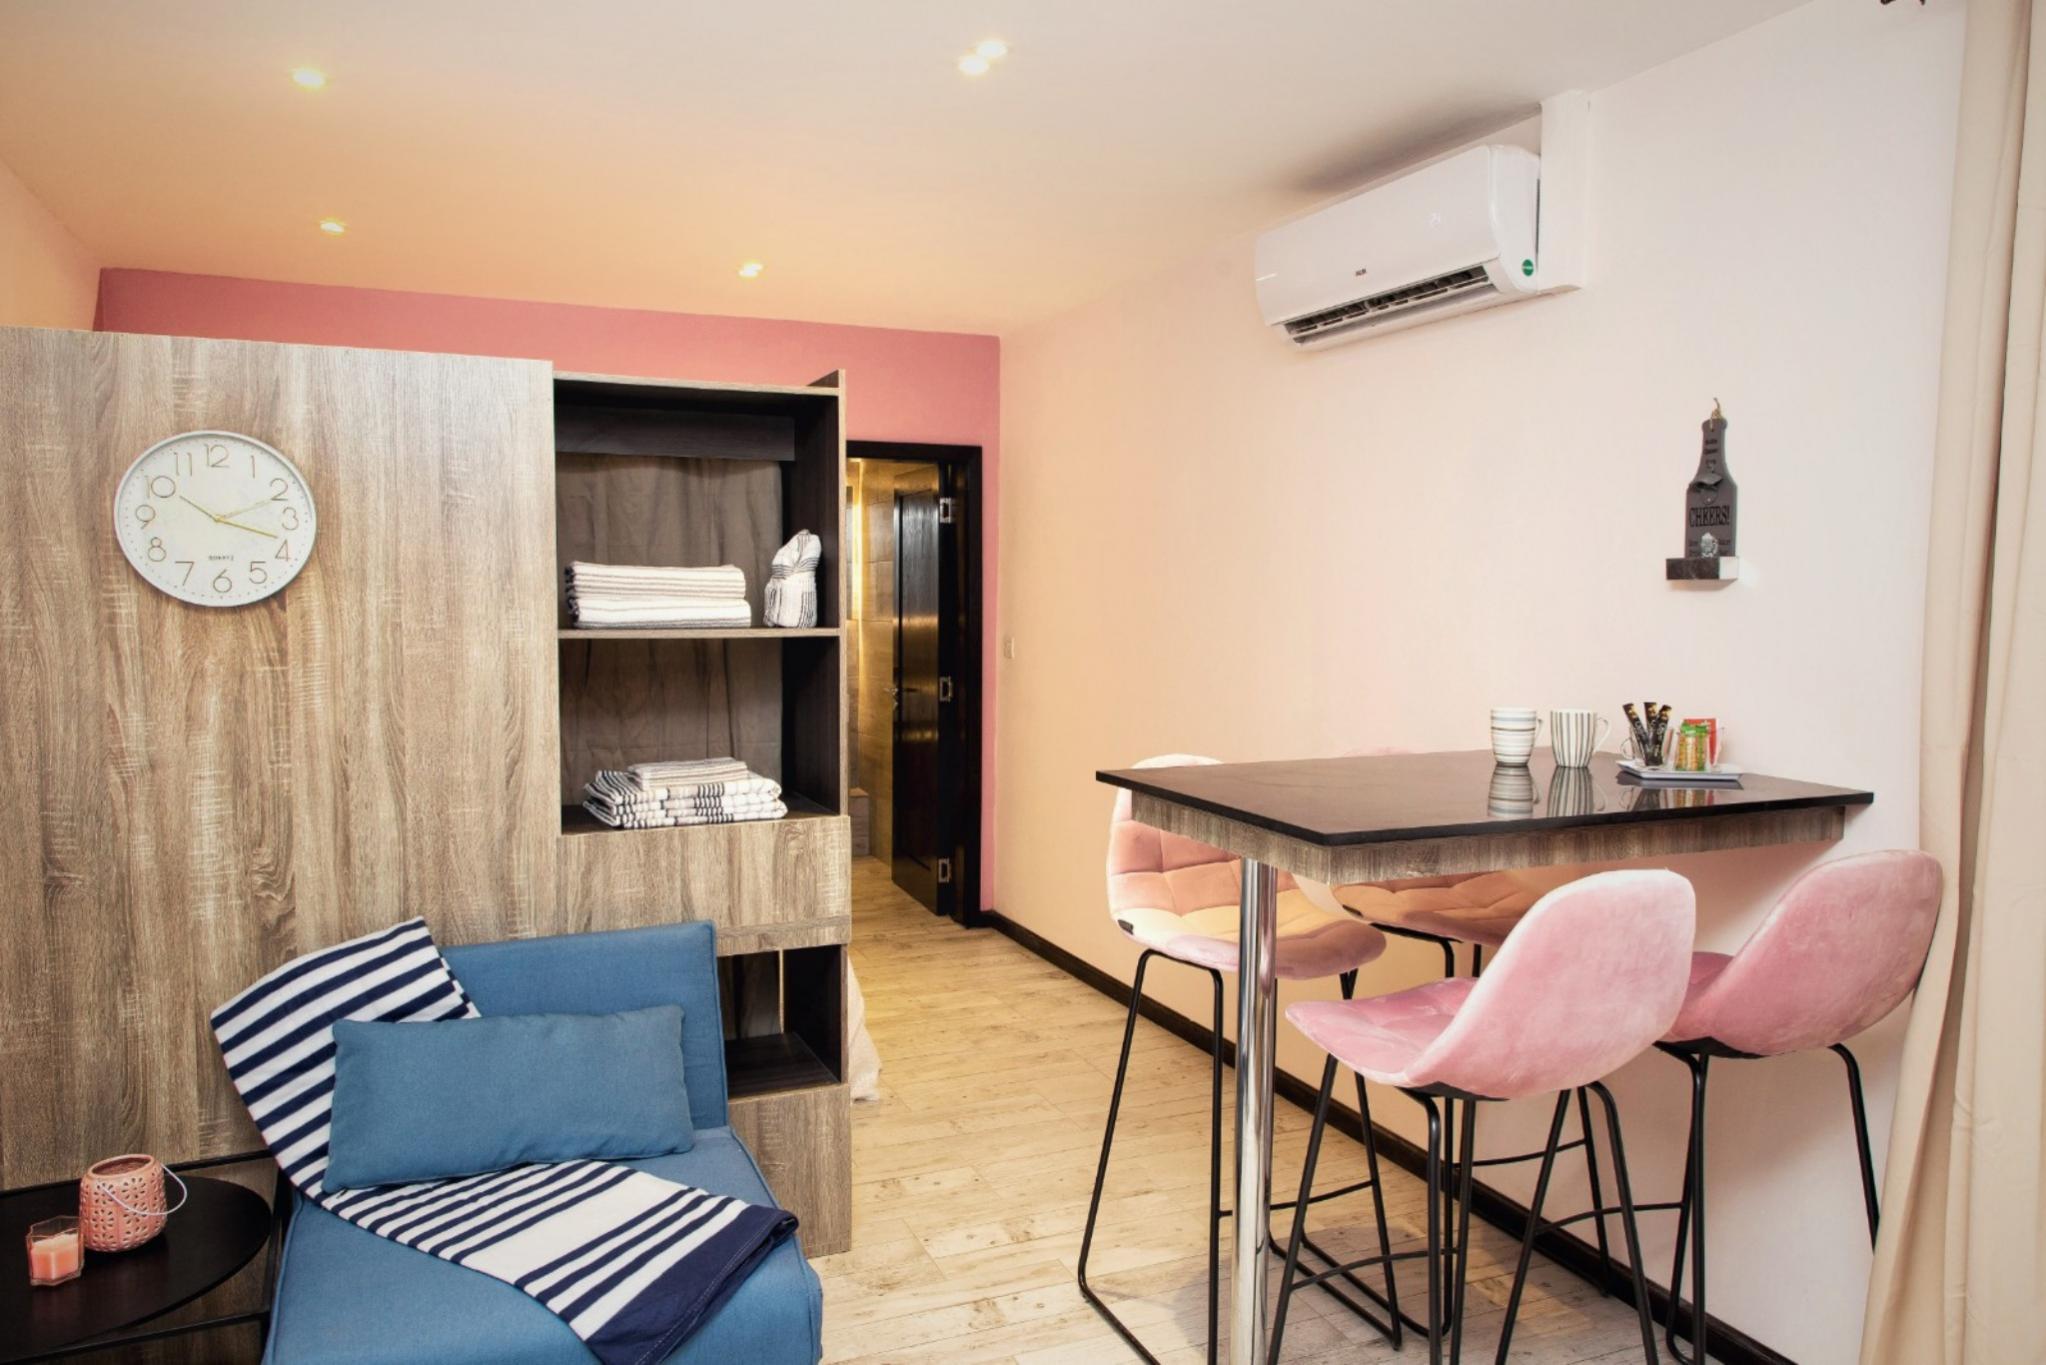 A vendre – Complexe résidentiel de 4 studios meublés et équipés de 129 m2 au total (32.25 m2 par studio) se situe sur un terrain de 54 toises à Grand Baie